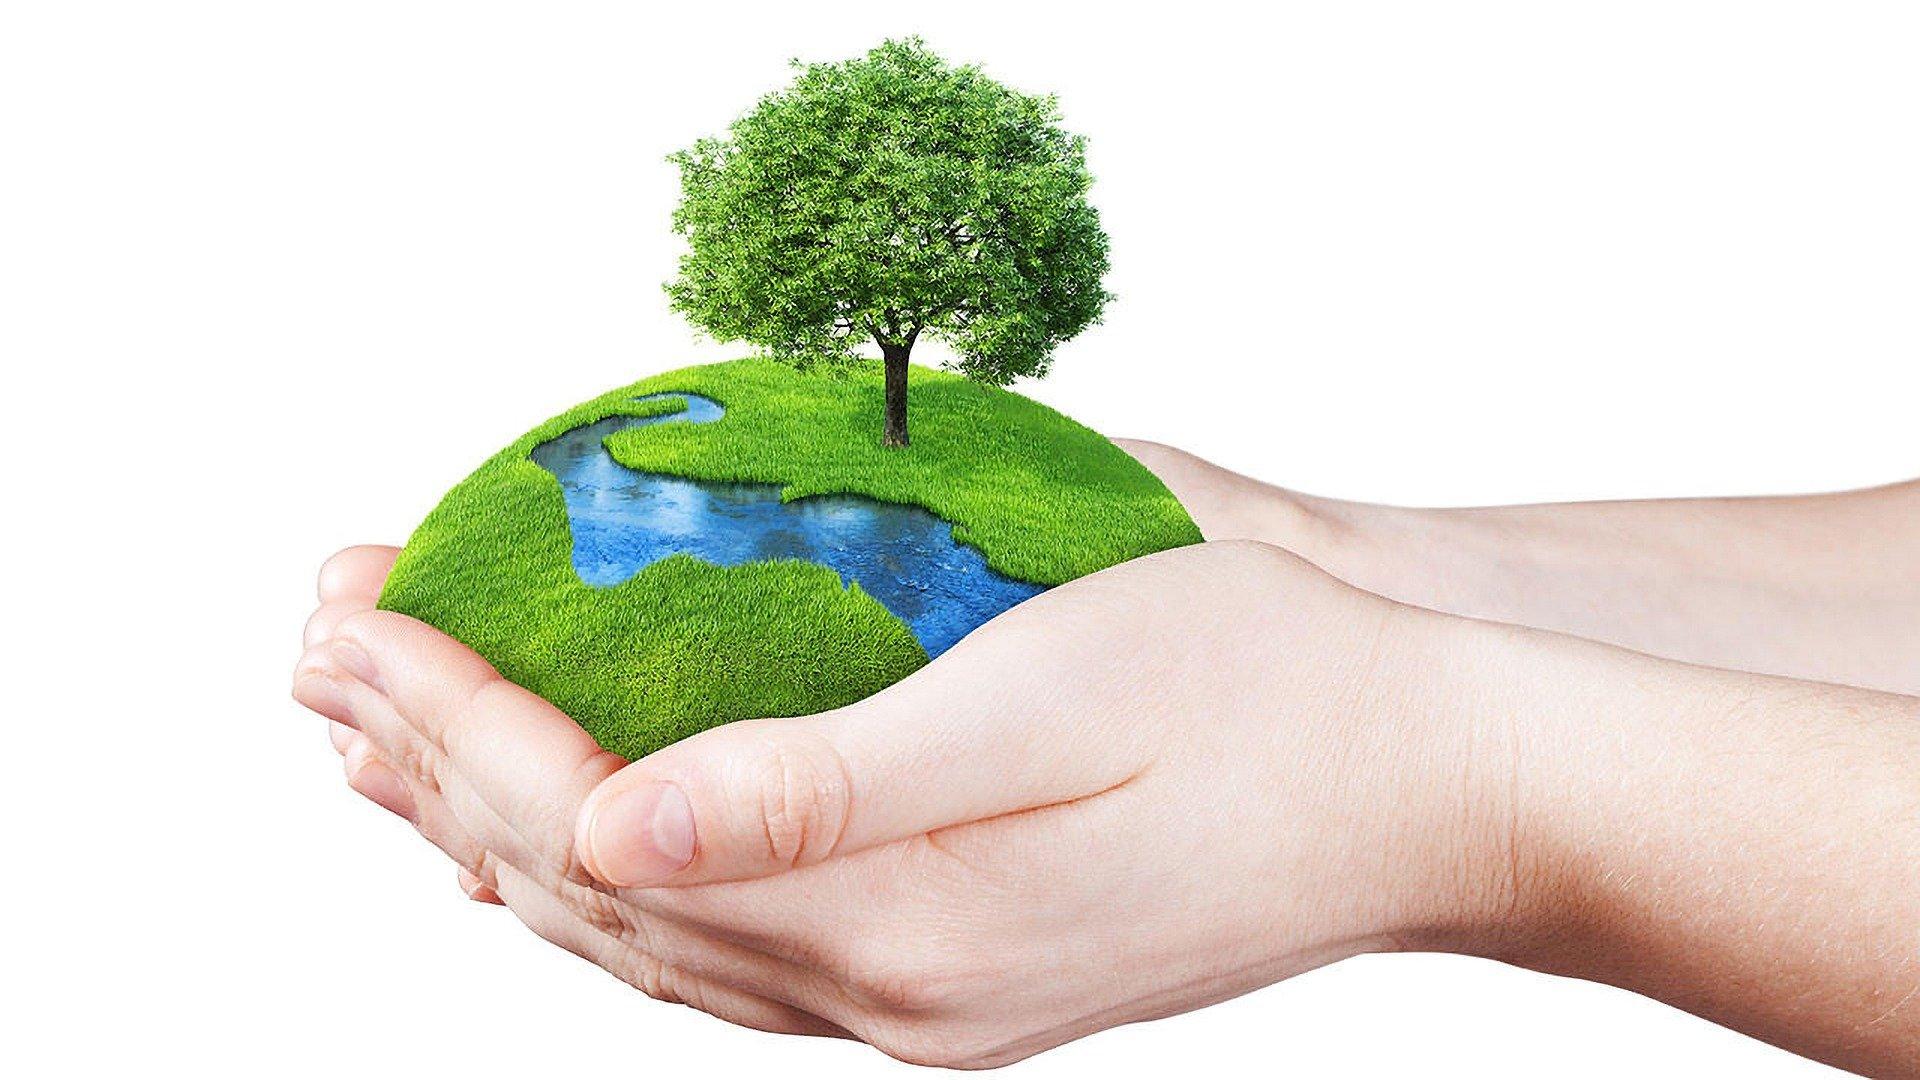 Ilustração de mãos segurando a Terra com cuidado